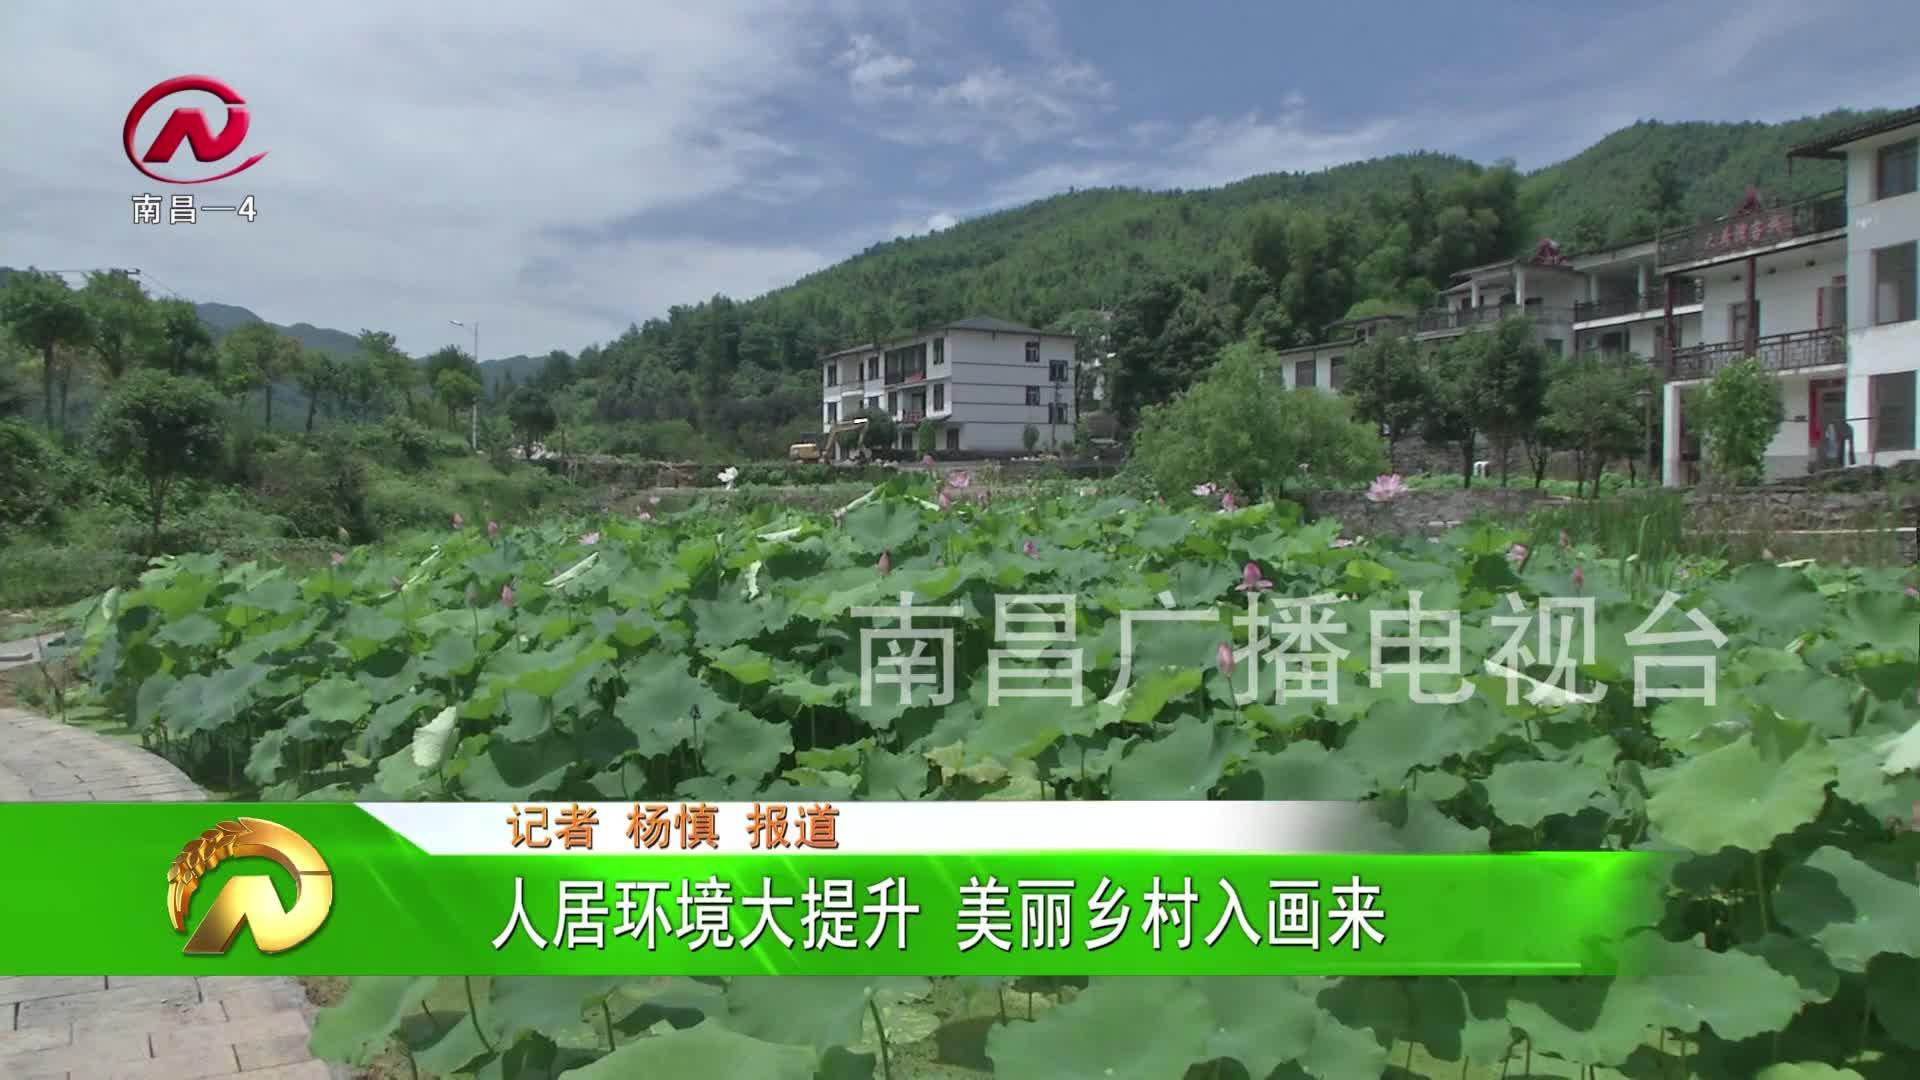 【豫章农视】人居环境大提升 美丽乡村入画来